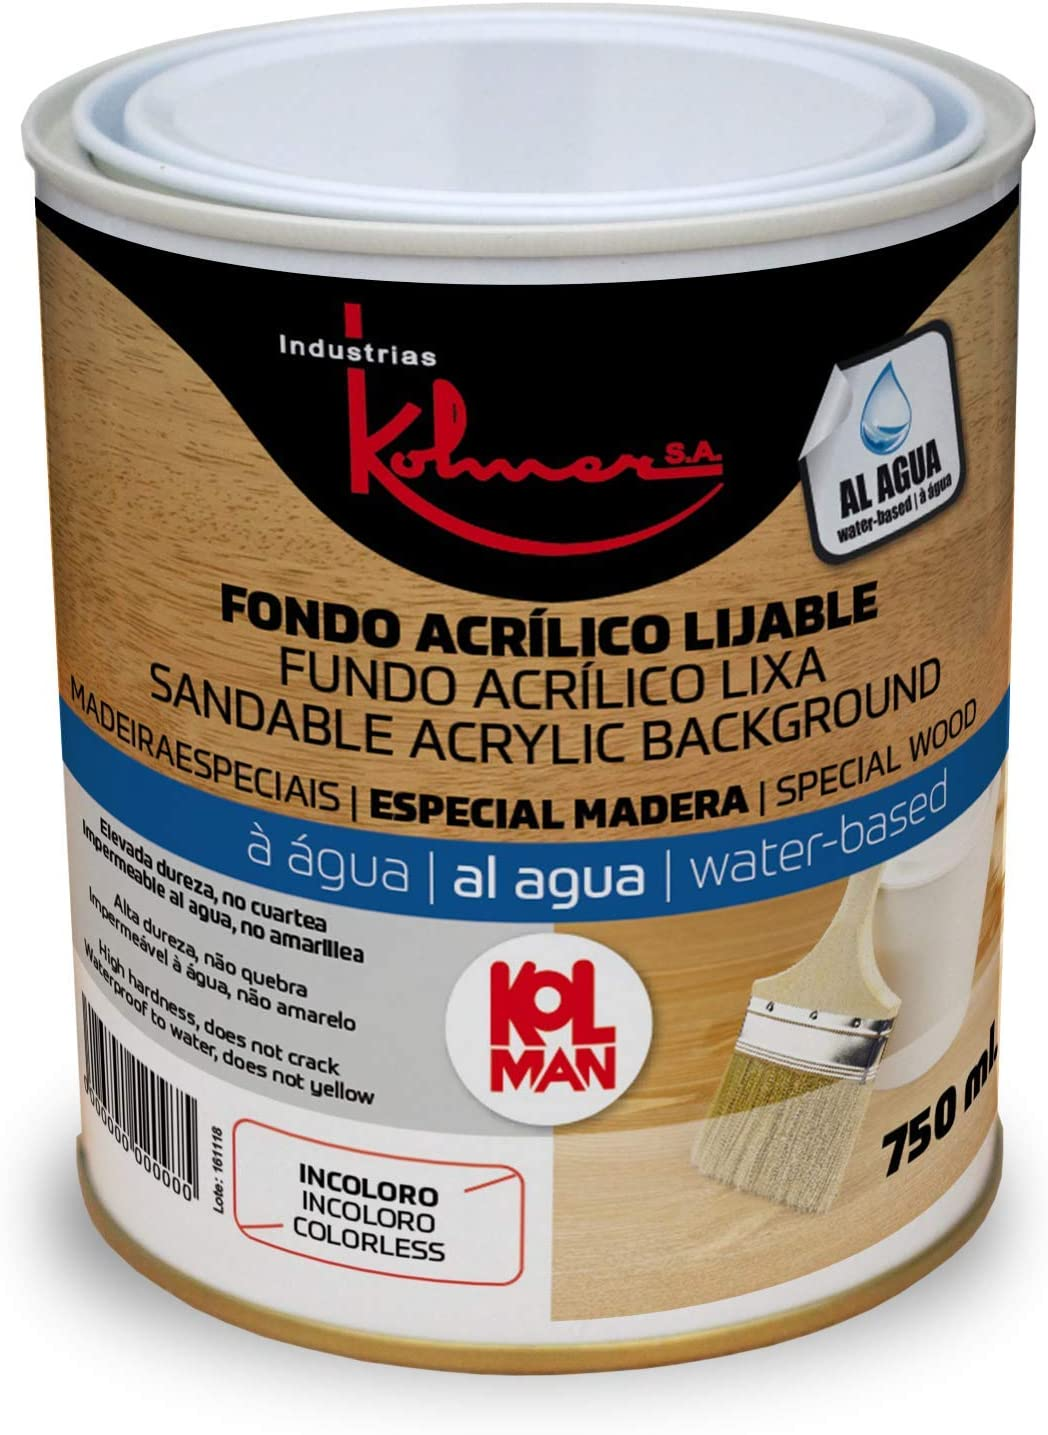 Fondo acrílico lijable al agua Kolman. Tapaporos acrílico al agua (750 ml, incoloro)